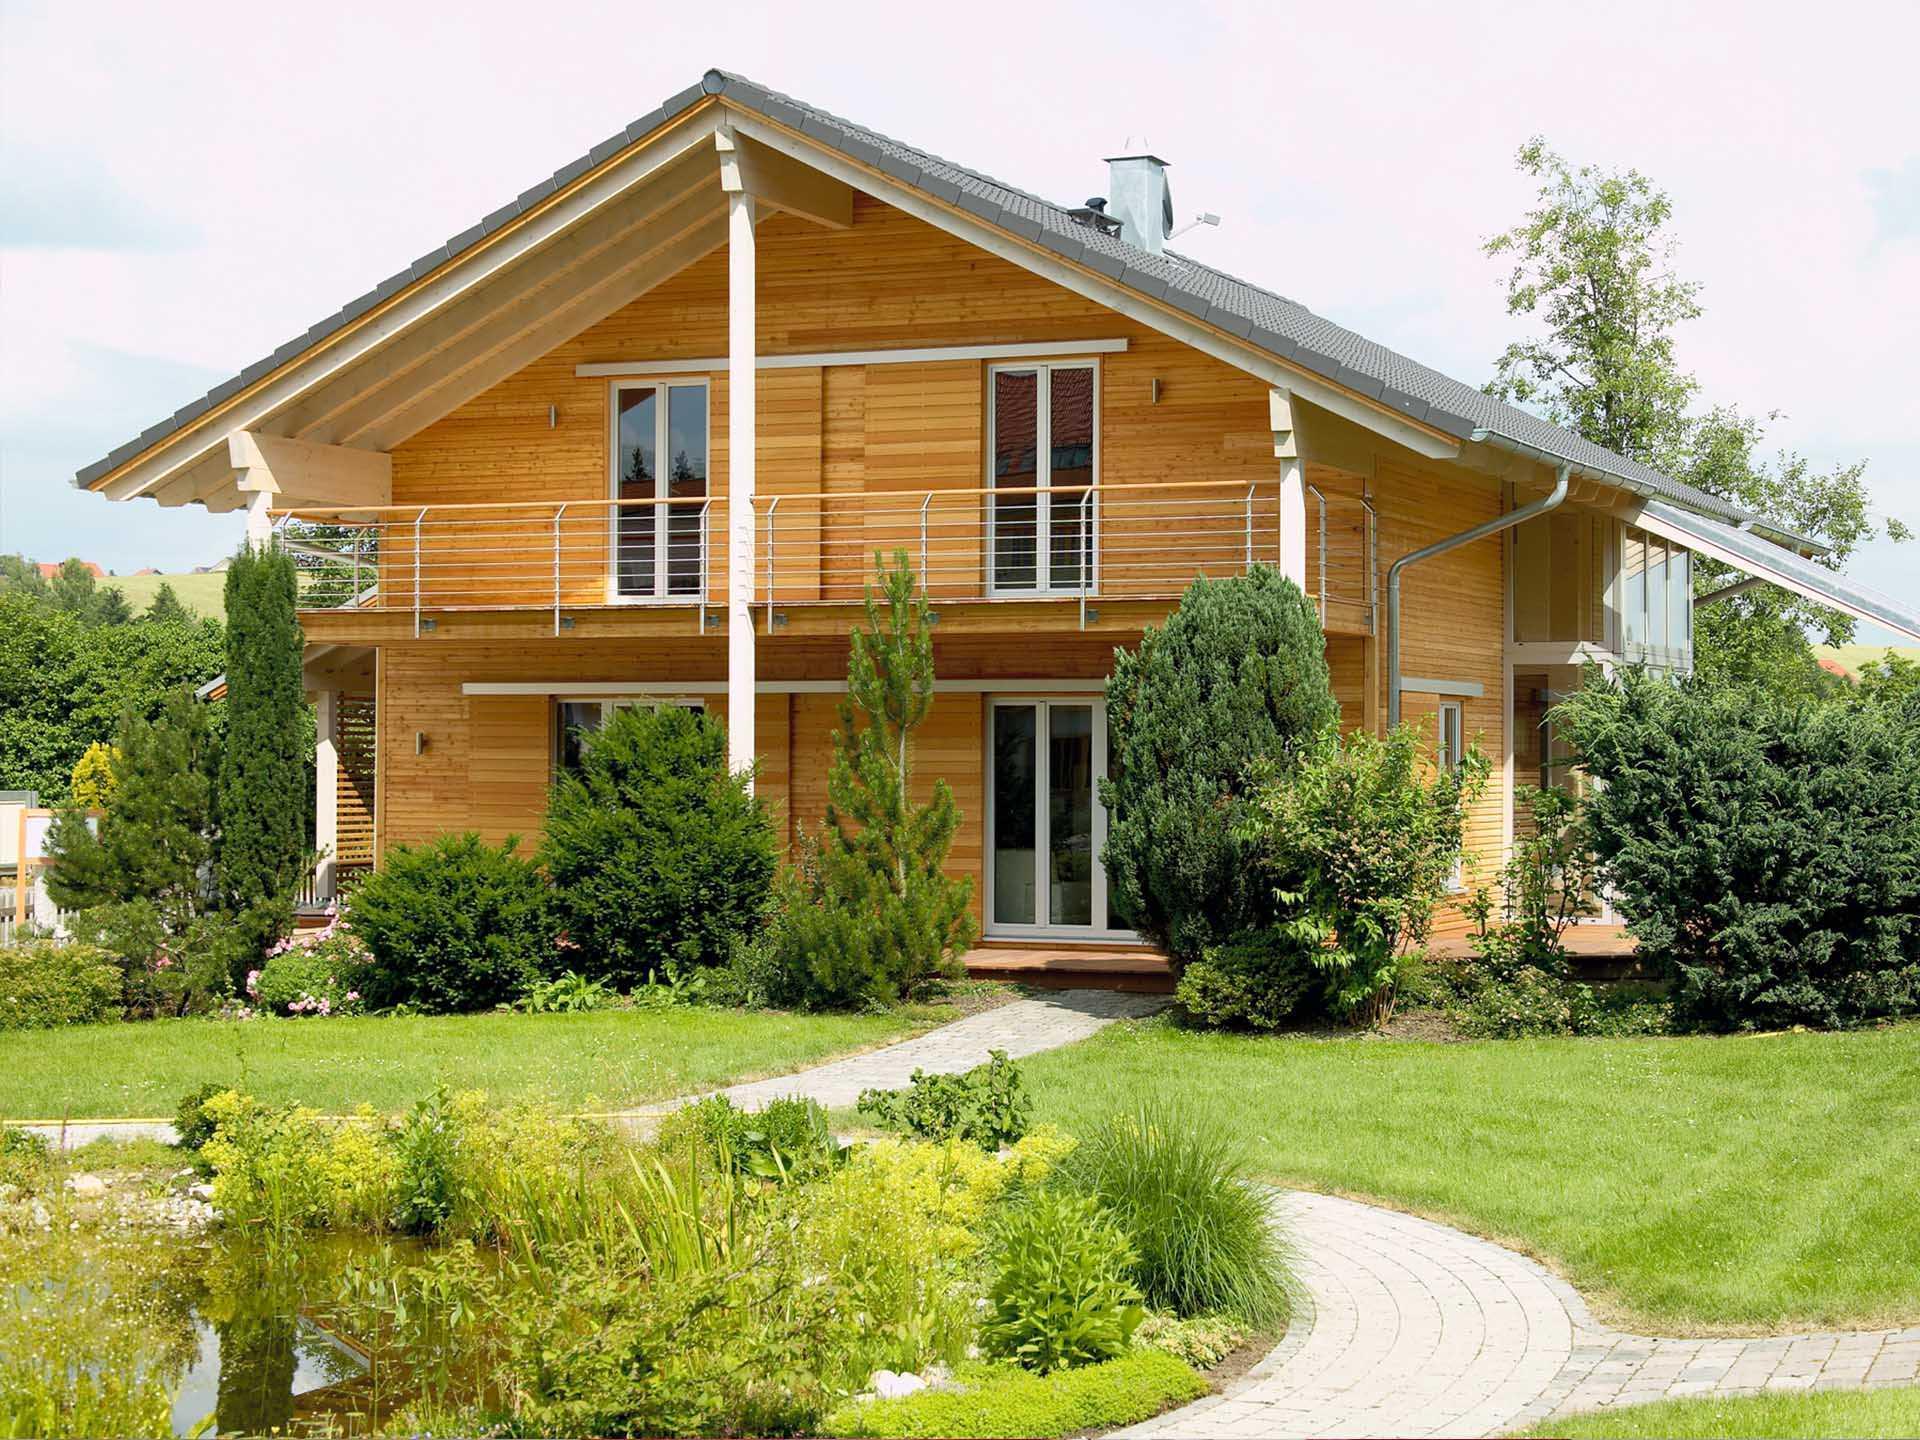 referenzhaus rosenheim sonnleitner holzbauwerke. Black Bedroom Furniture Sets. Home Design Ideas